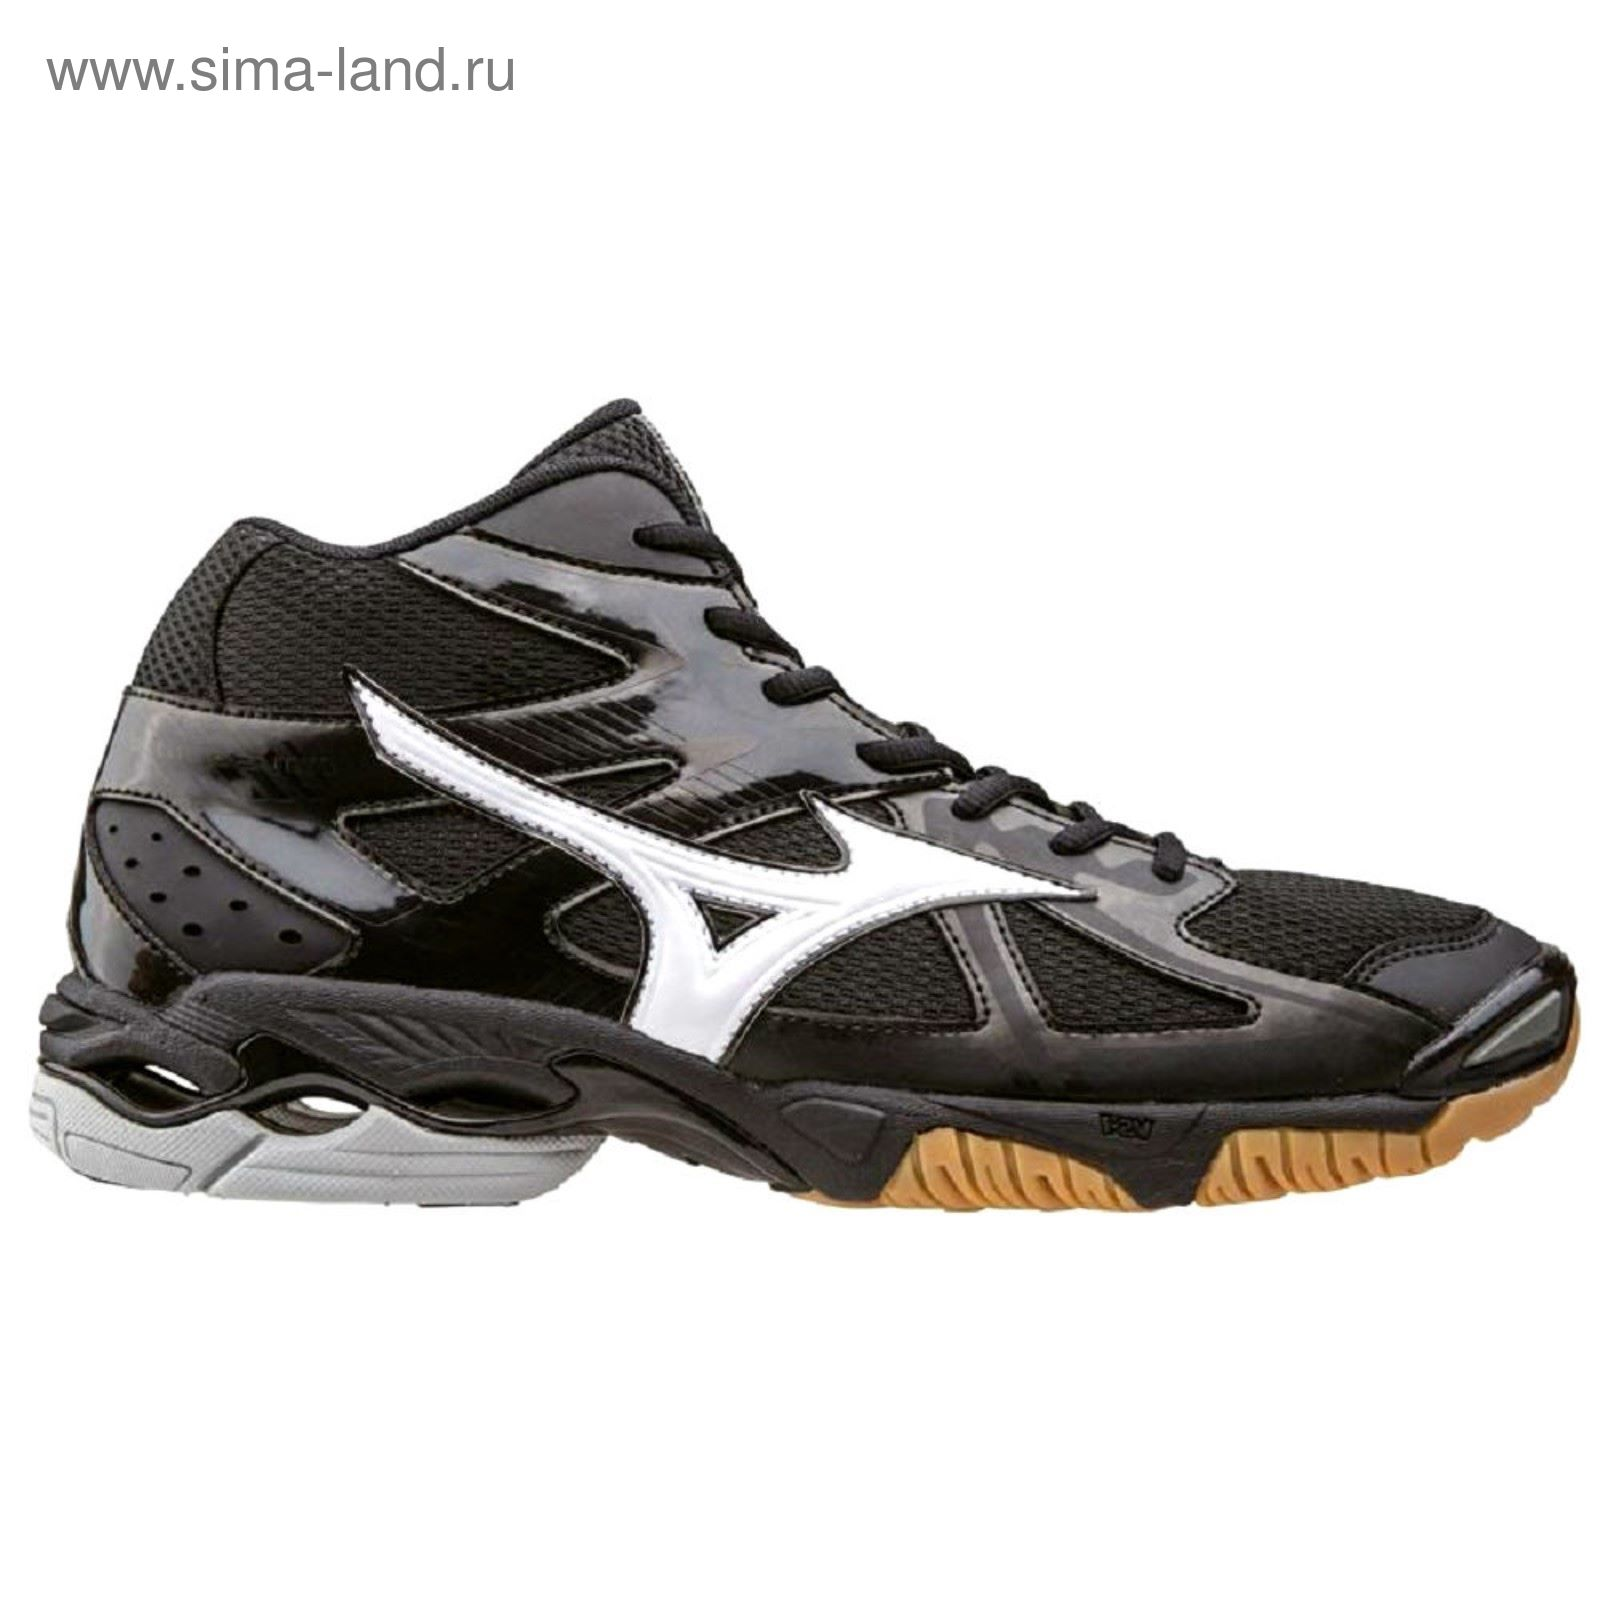 Кроссовки волейбольные мужские Mizuno, V1GA1565 01, Wave, размер 10 ... 7c86d22eba6